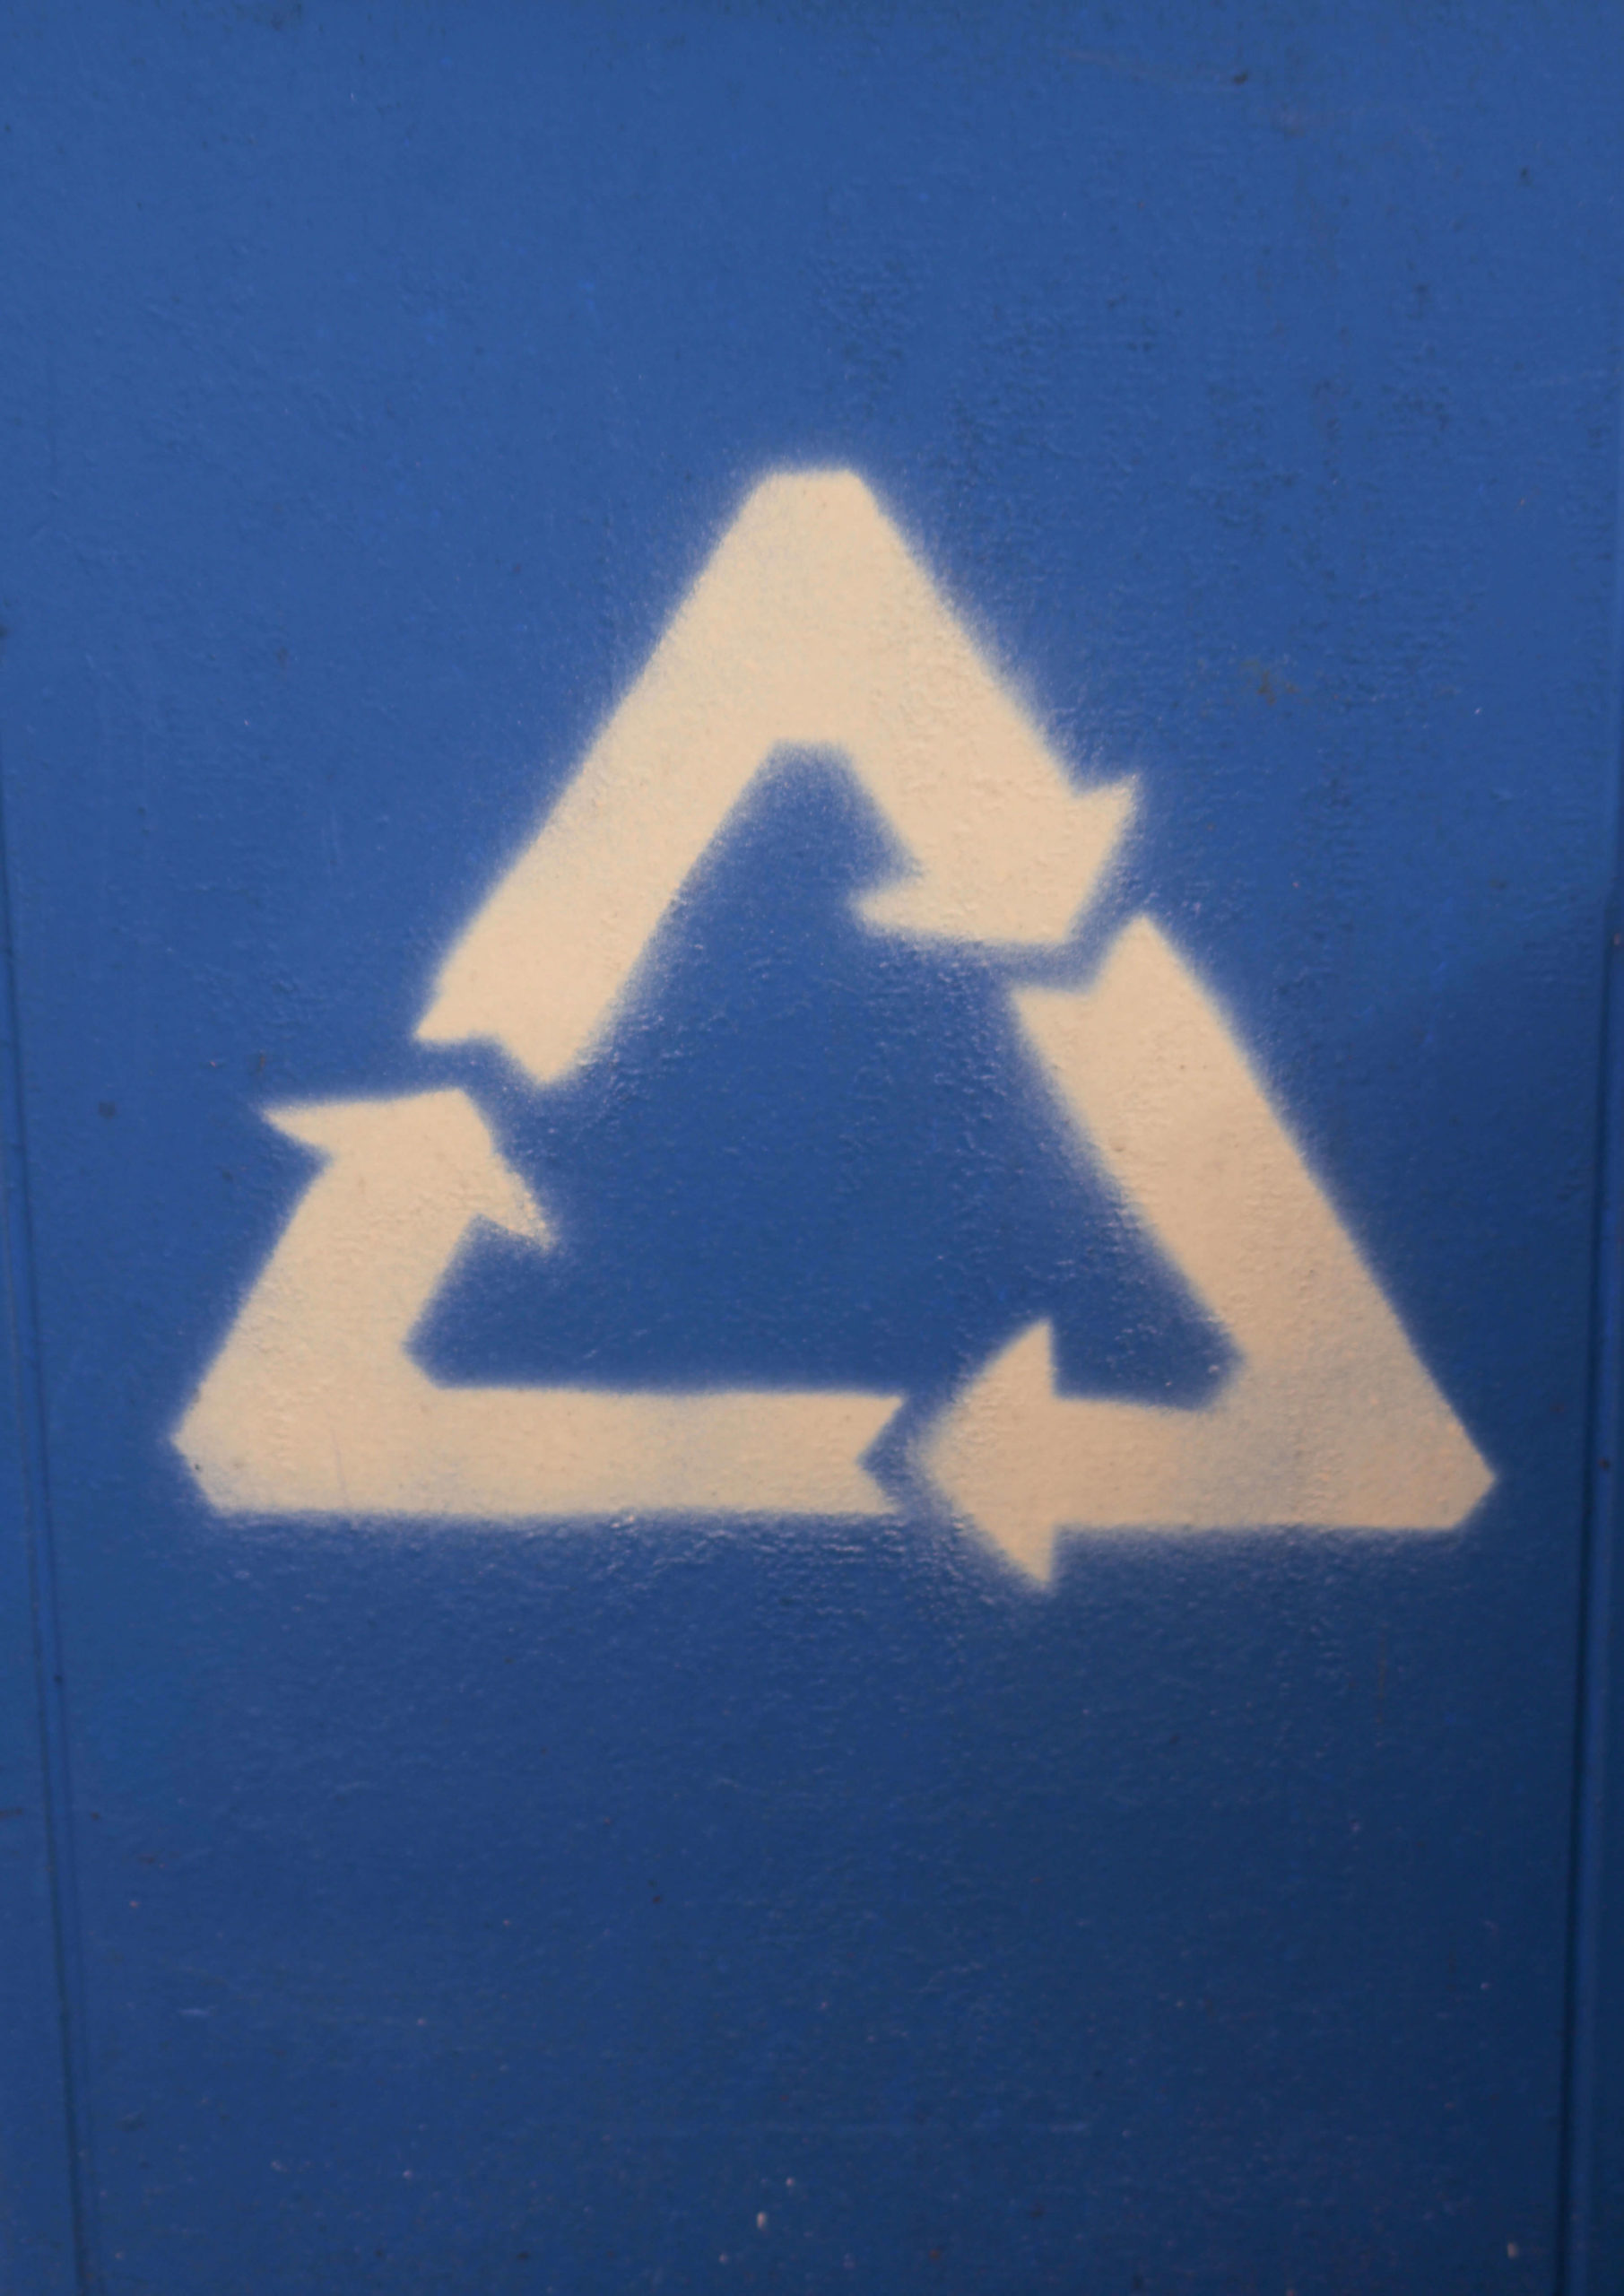 εικόνα ανακύκλωσης